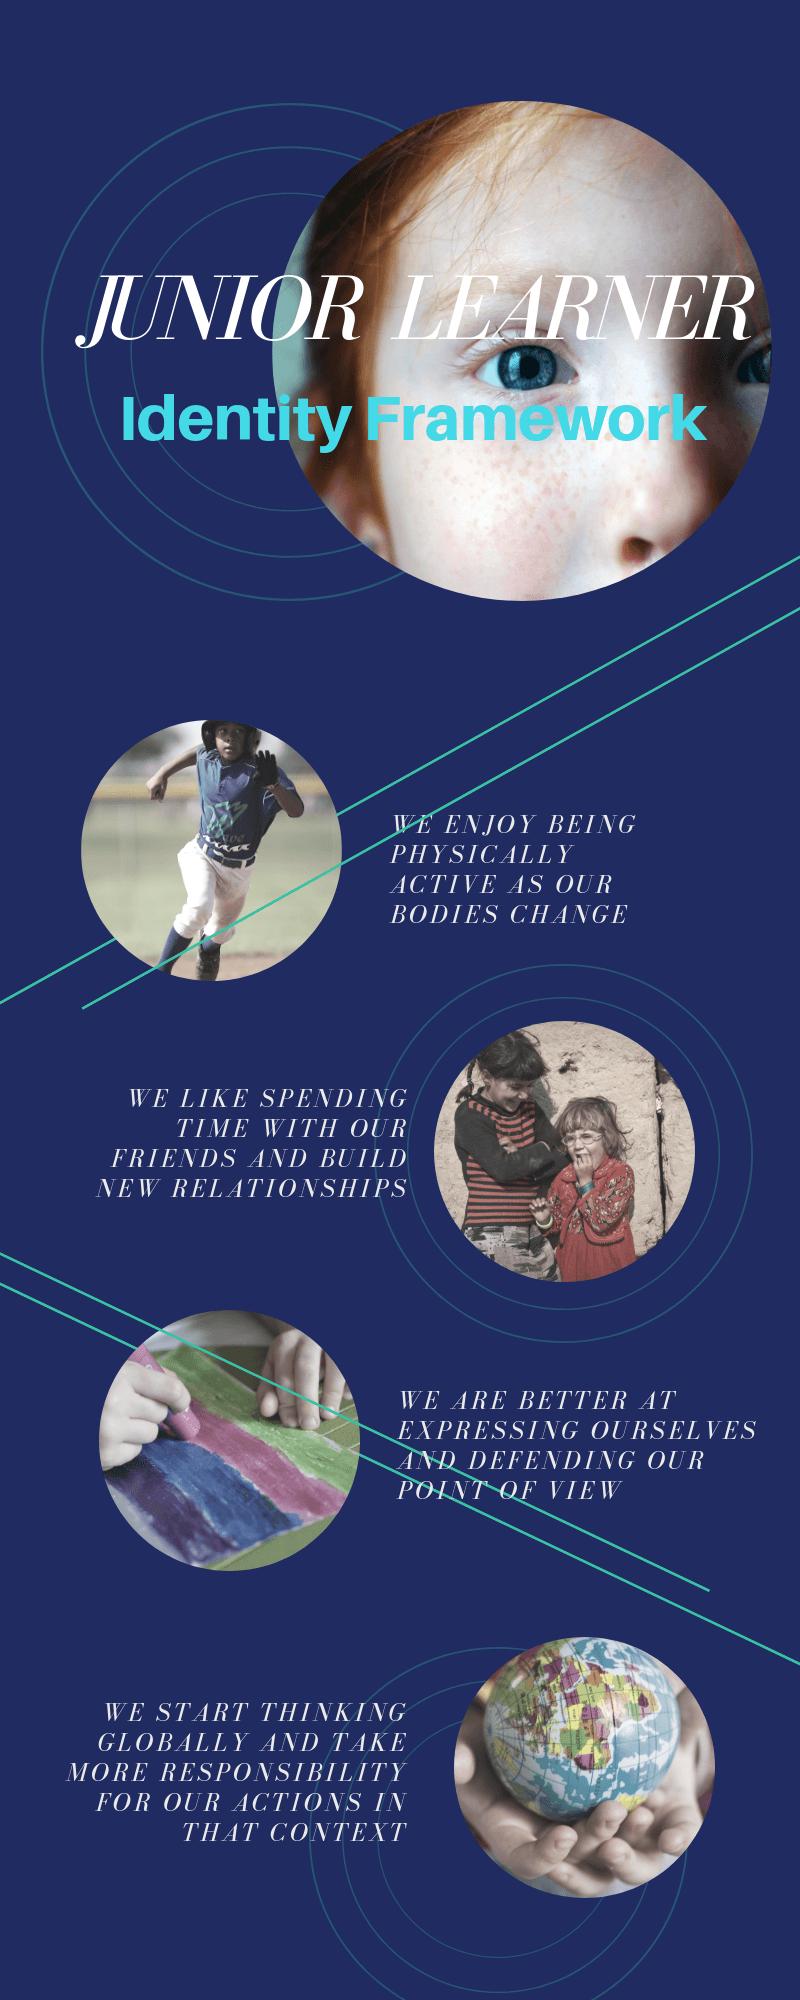 junior learner identity framework poster